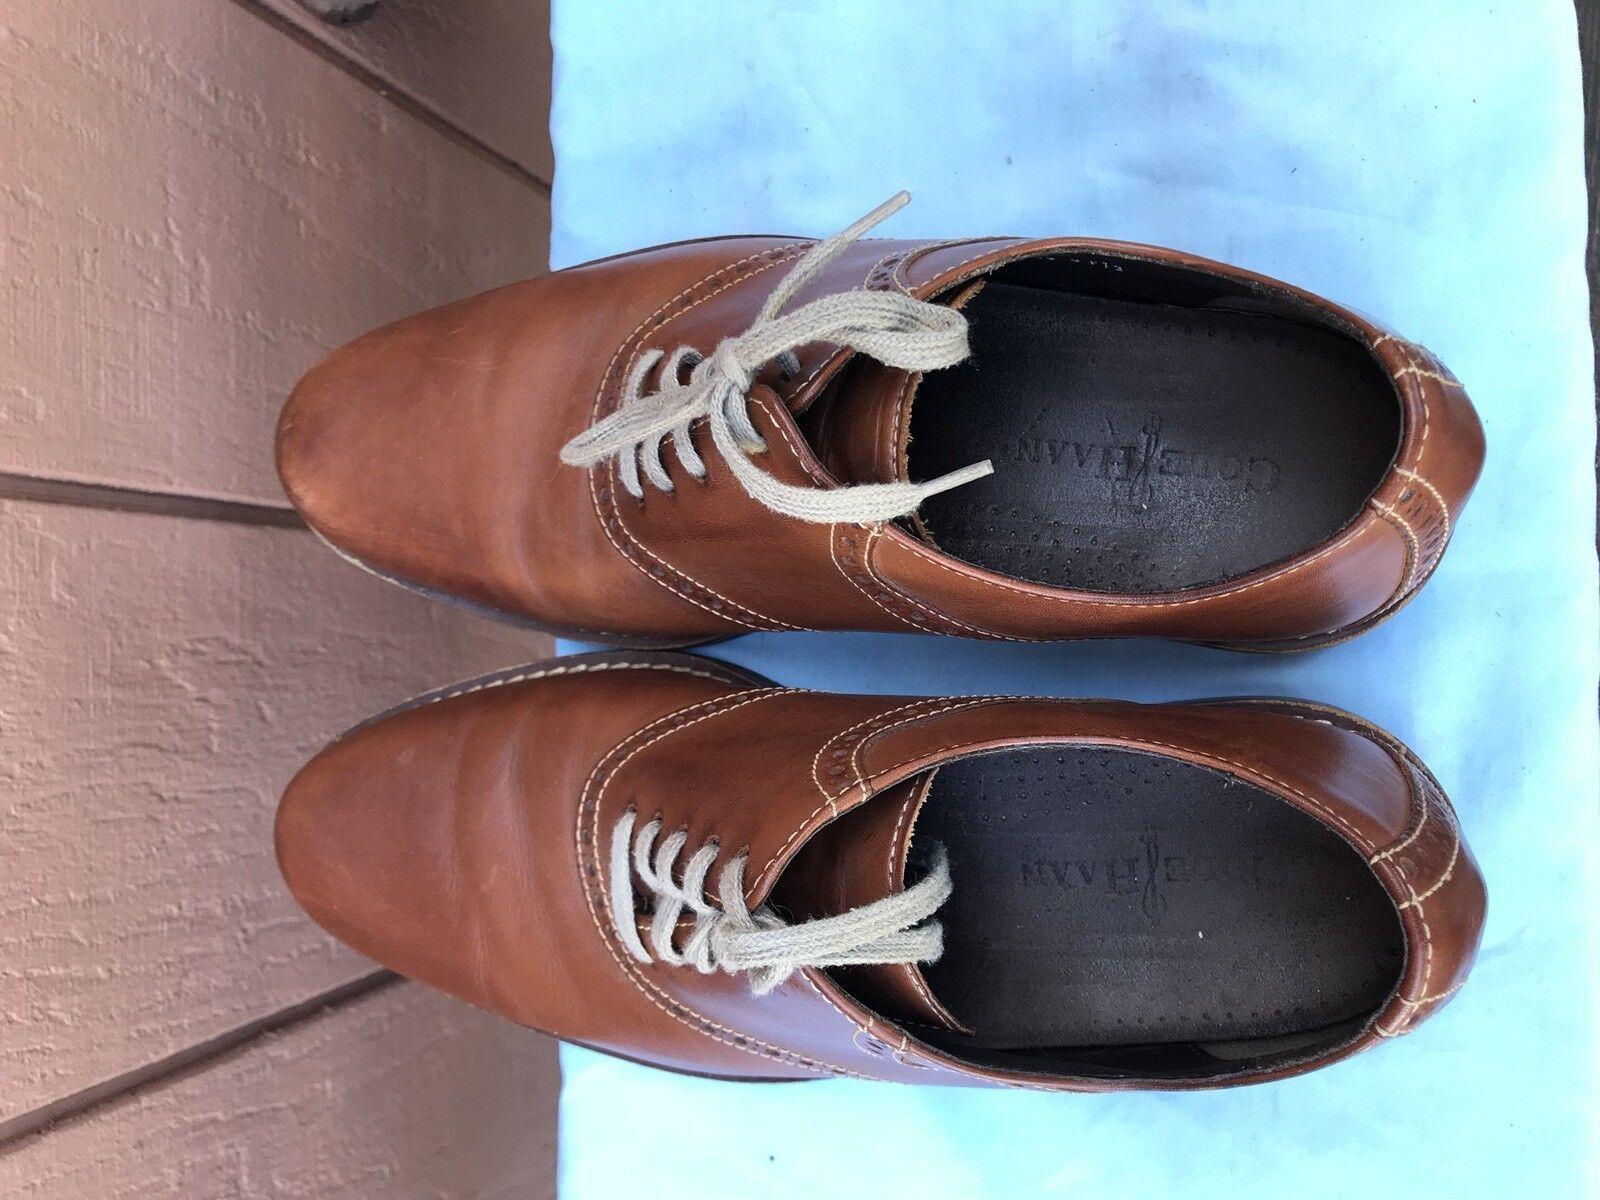 EUC COLE COLE COLE HAAN Drake C10509 Tan Plain Toe Saddle Oxford Brogue US 10.5M  198 A6 e42da7